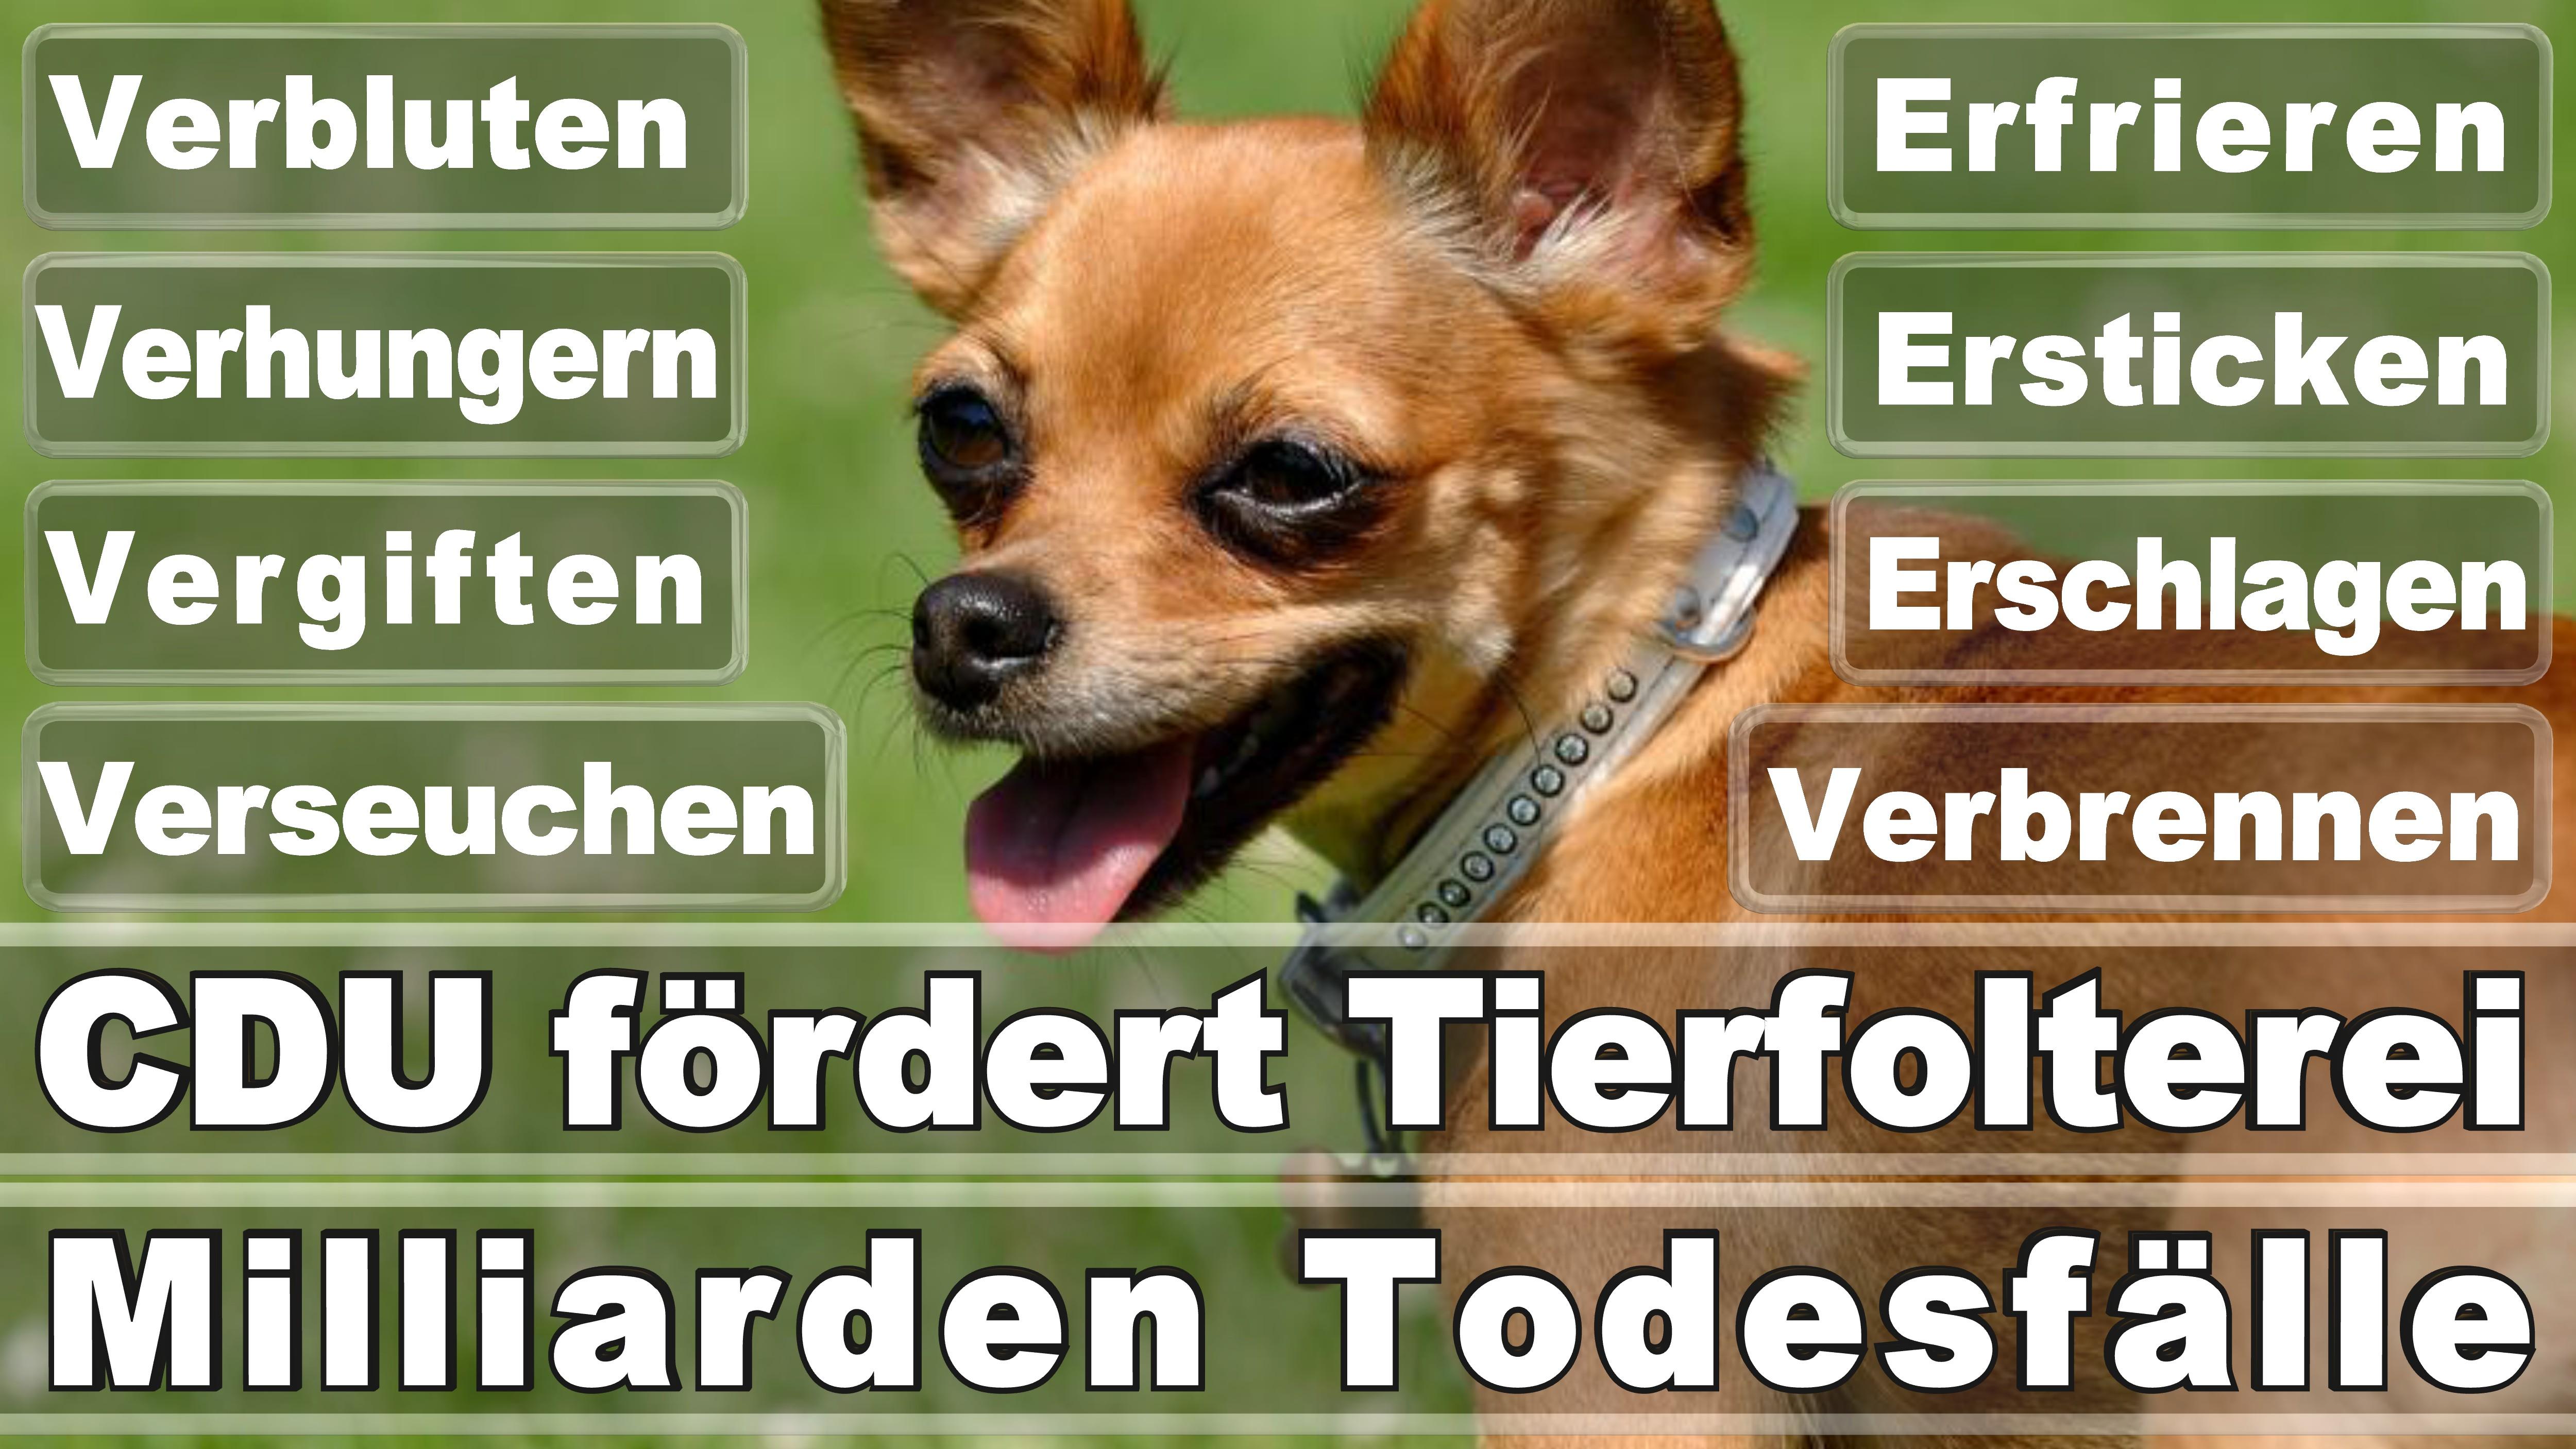 Bundestagswahl 2017 Германия Выборы Плакаты Ангела Меркель Победитель Проигравший